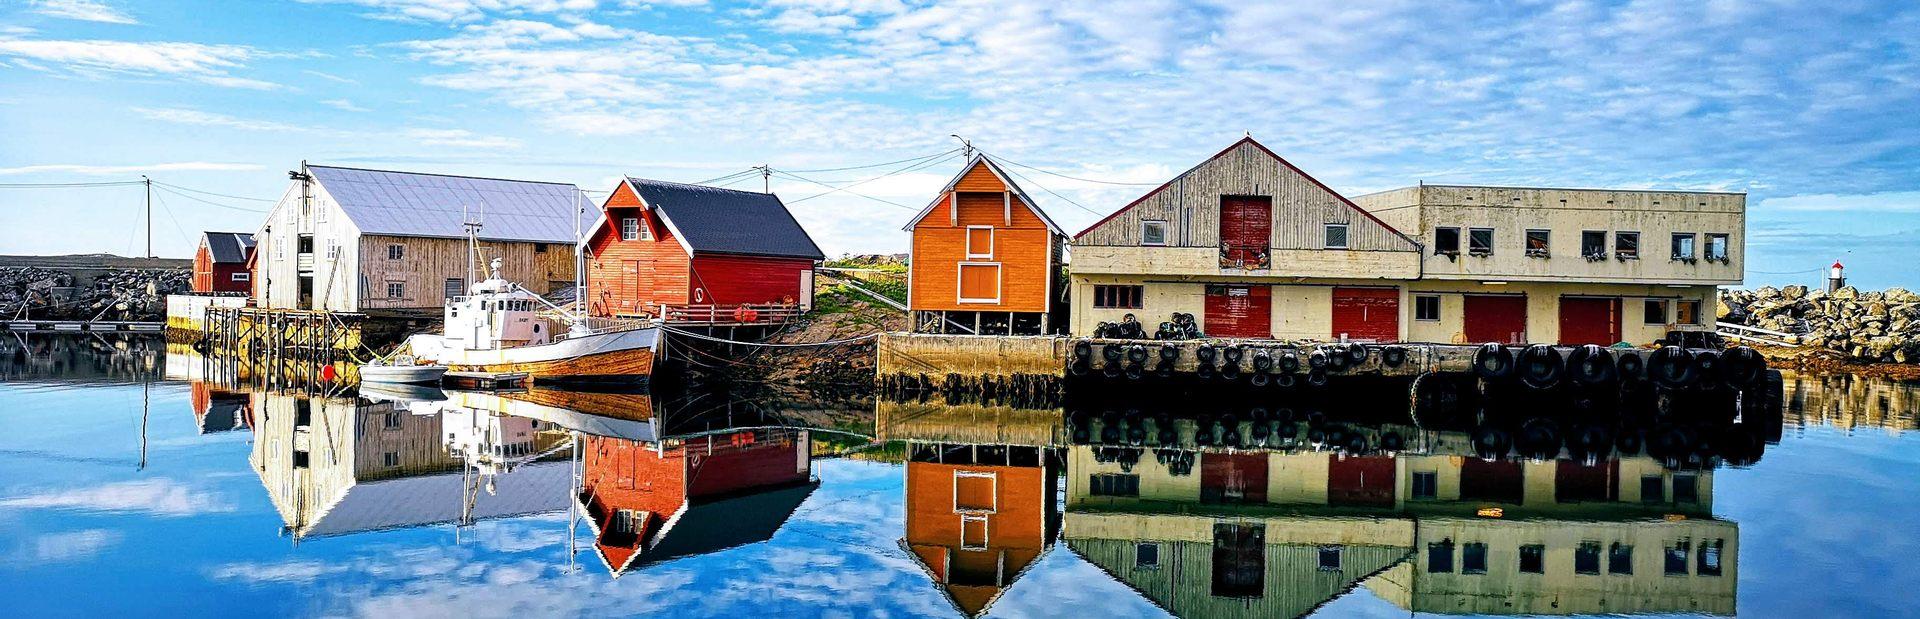 Frænfjorden photo tour